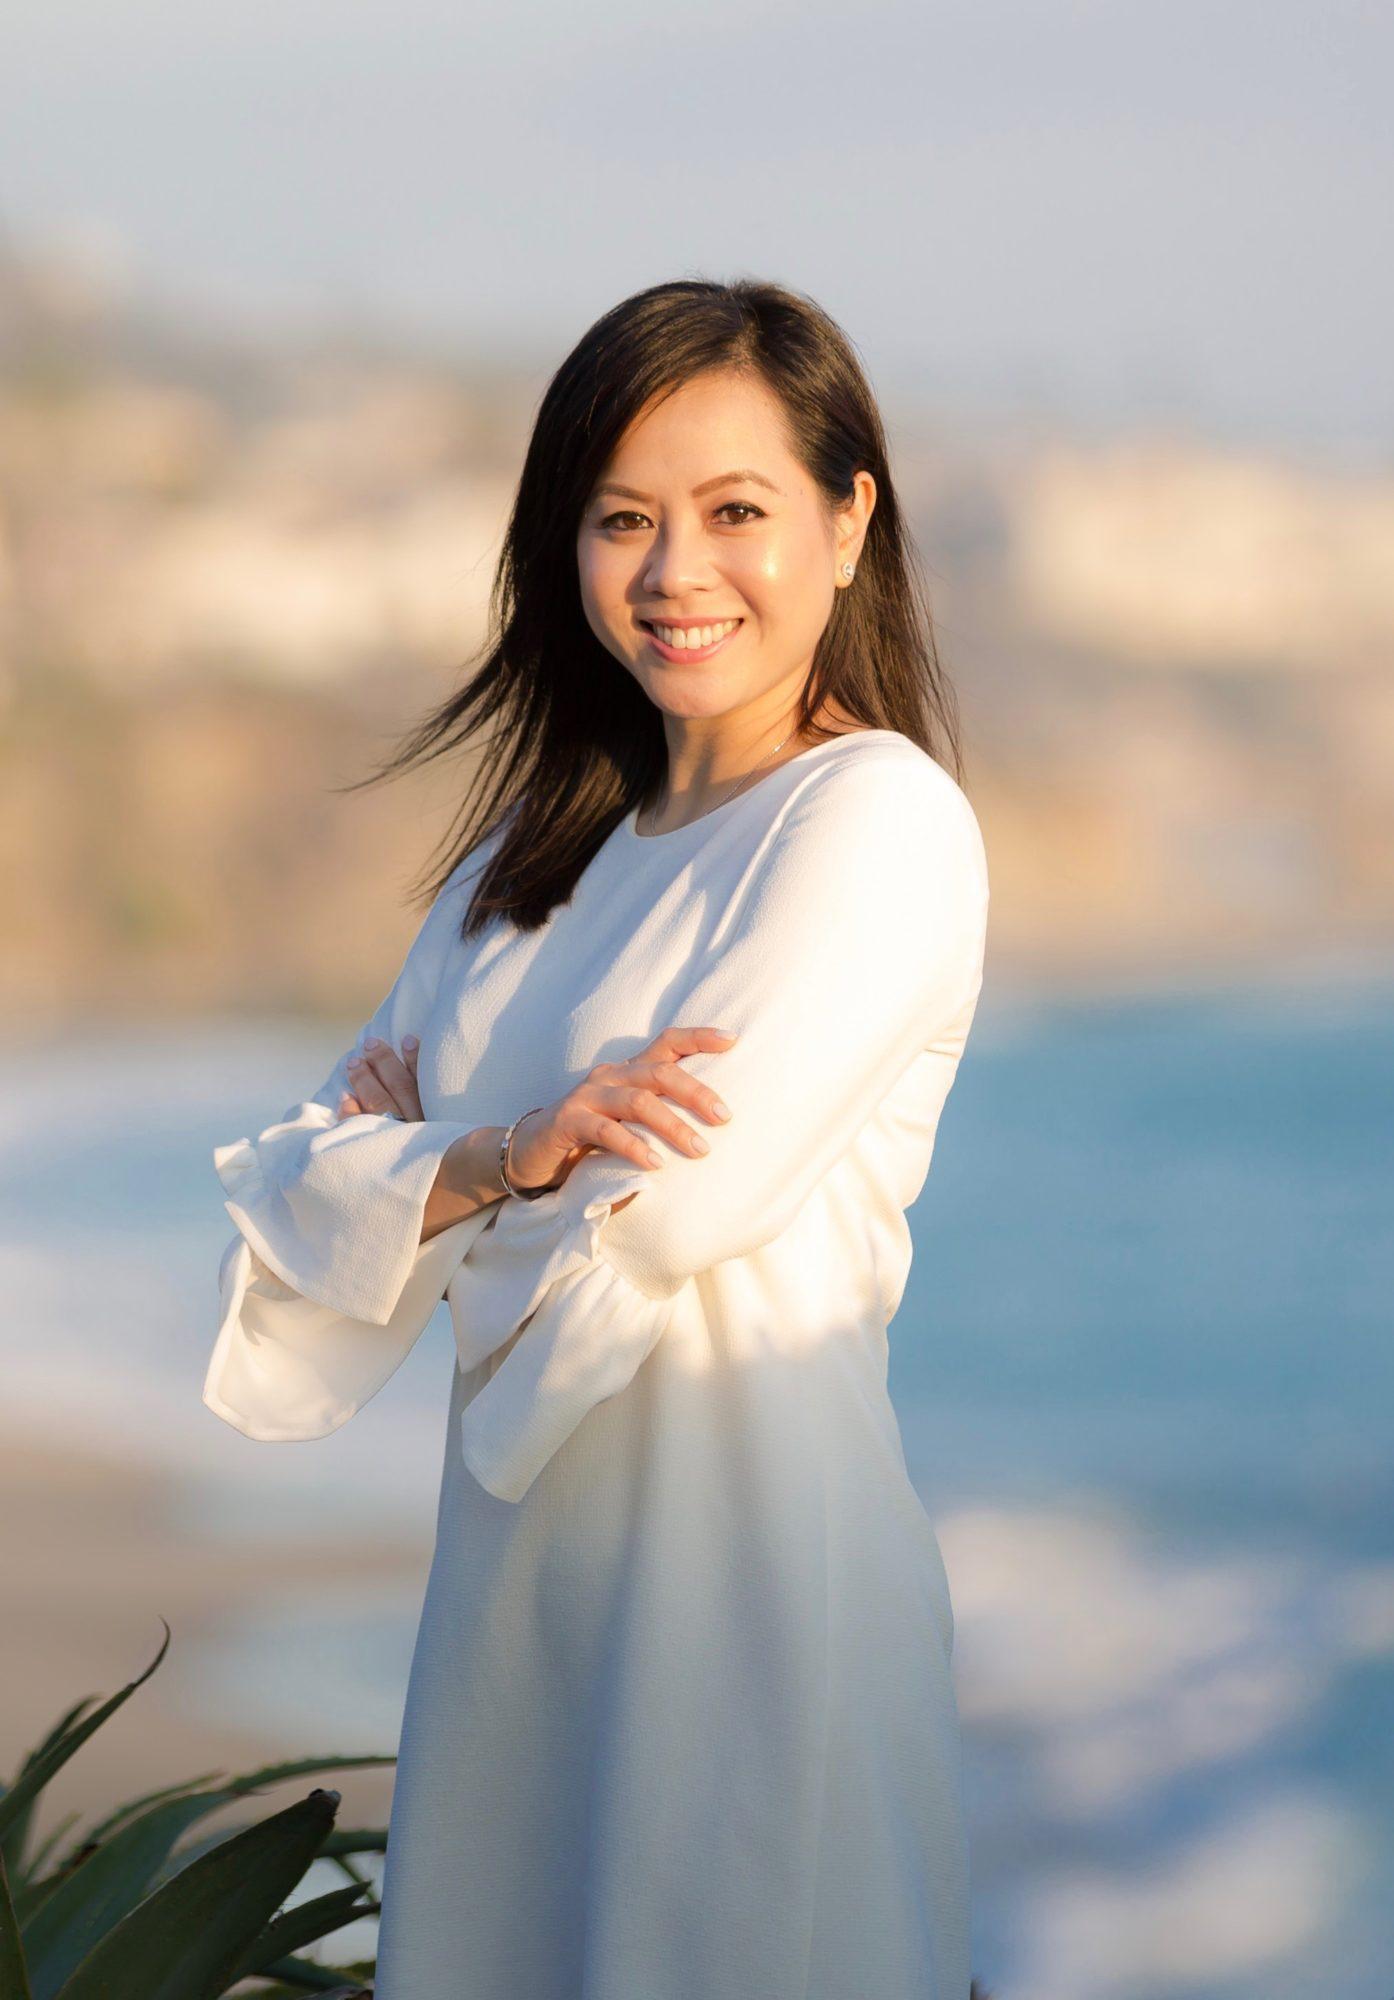 Asian Female Dentist Smiling